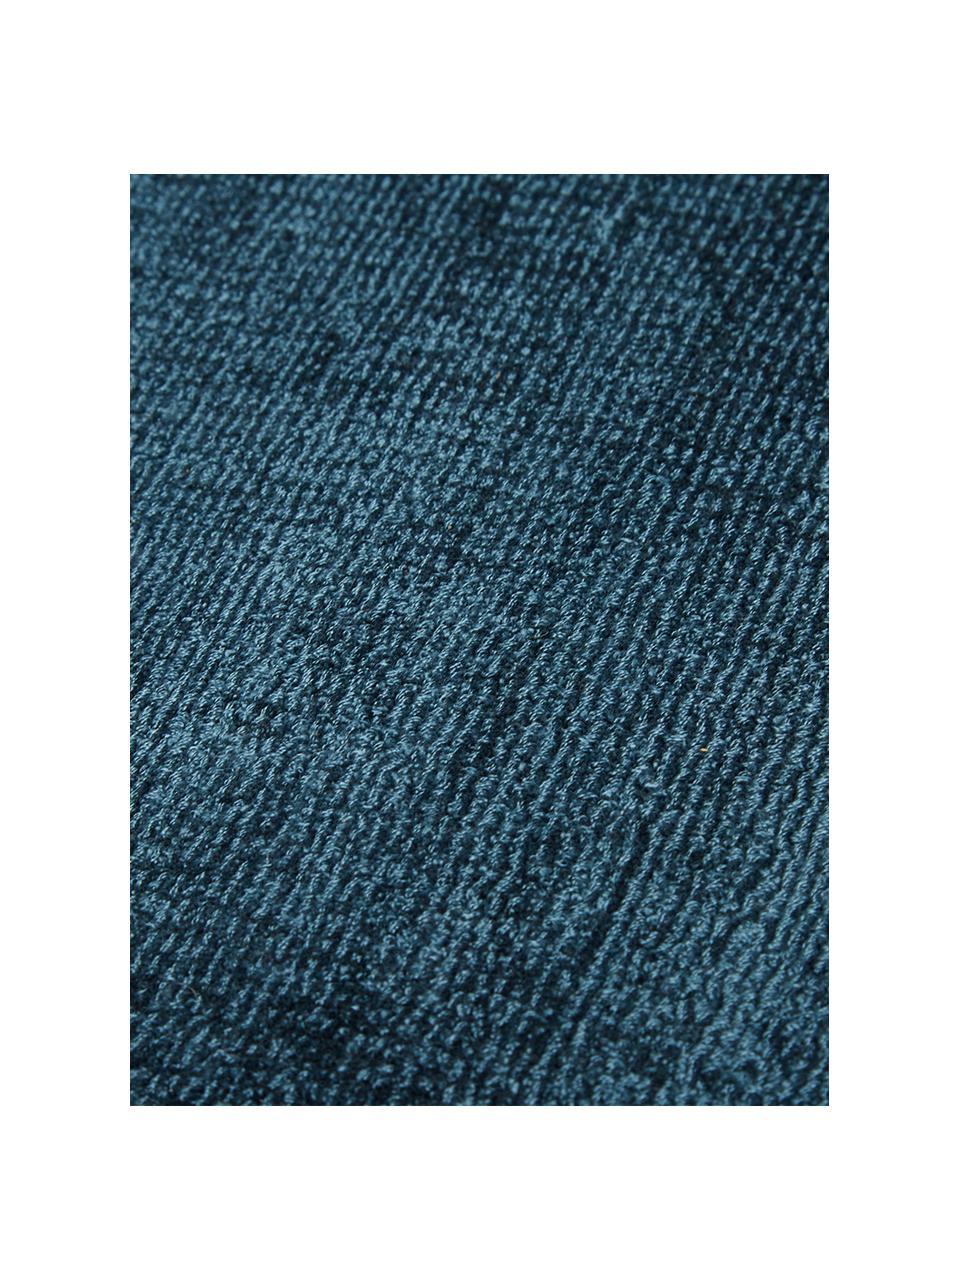 Ručně tkaný viskózový koberec Jane, Tmavě modrá